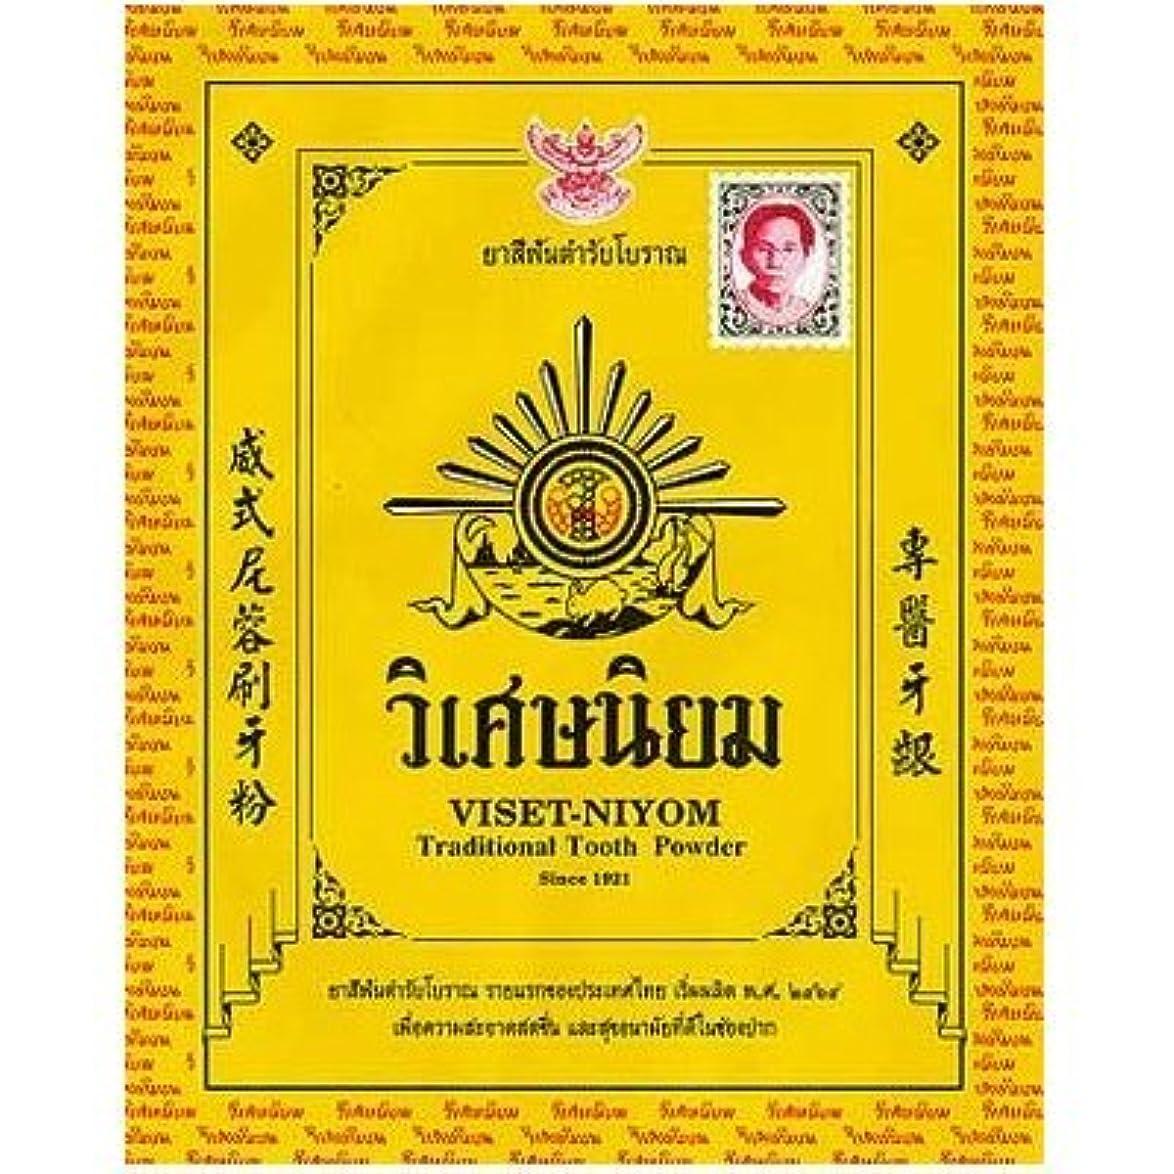 遅い魅了する薬局Thai Herbal Whitening Tooth Powder Original Thai Traditional Toothpaste 40 G. by Tooth Powder